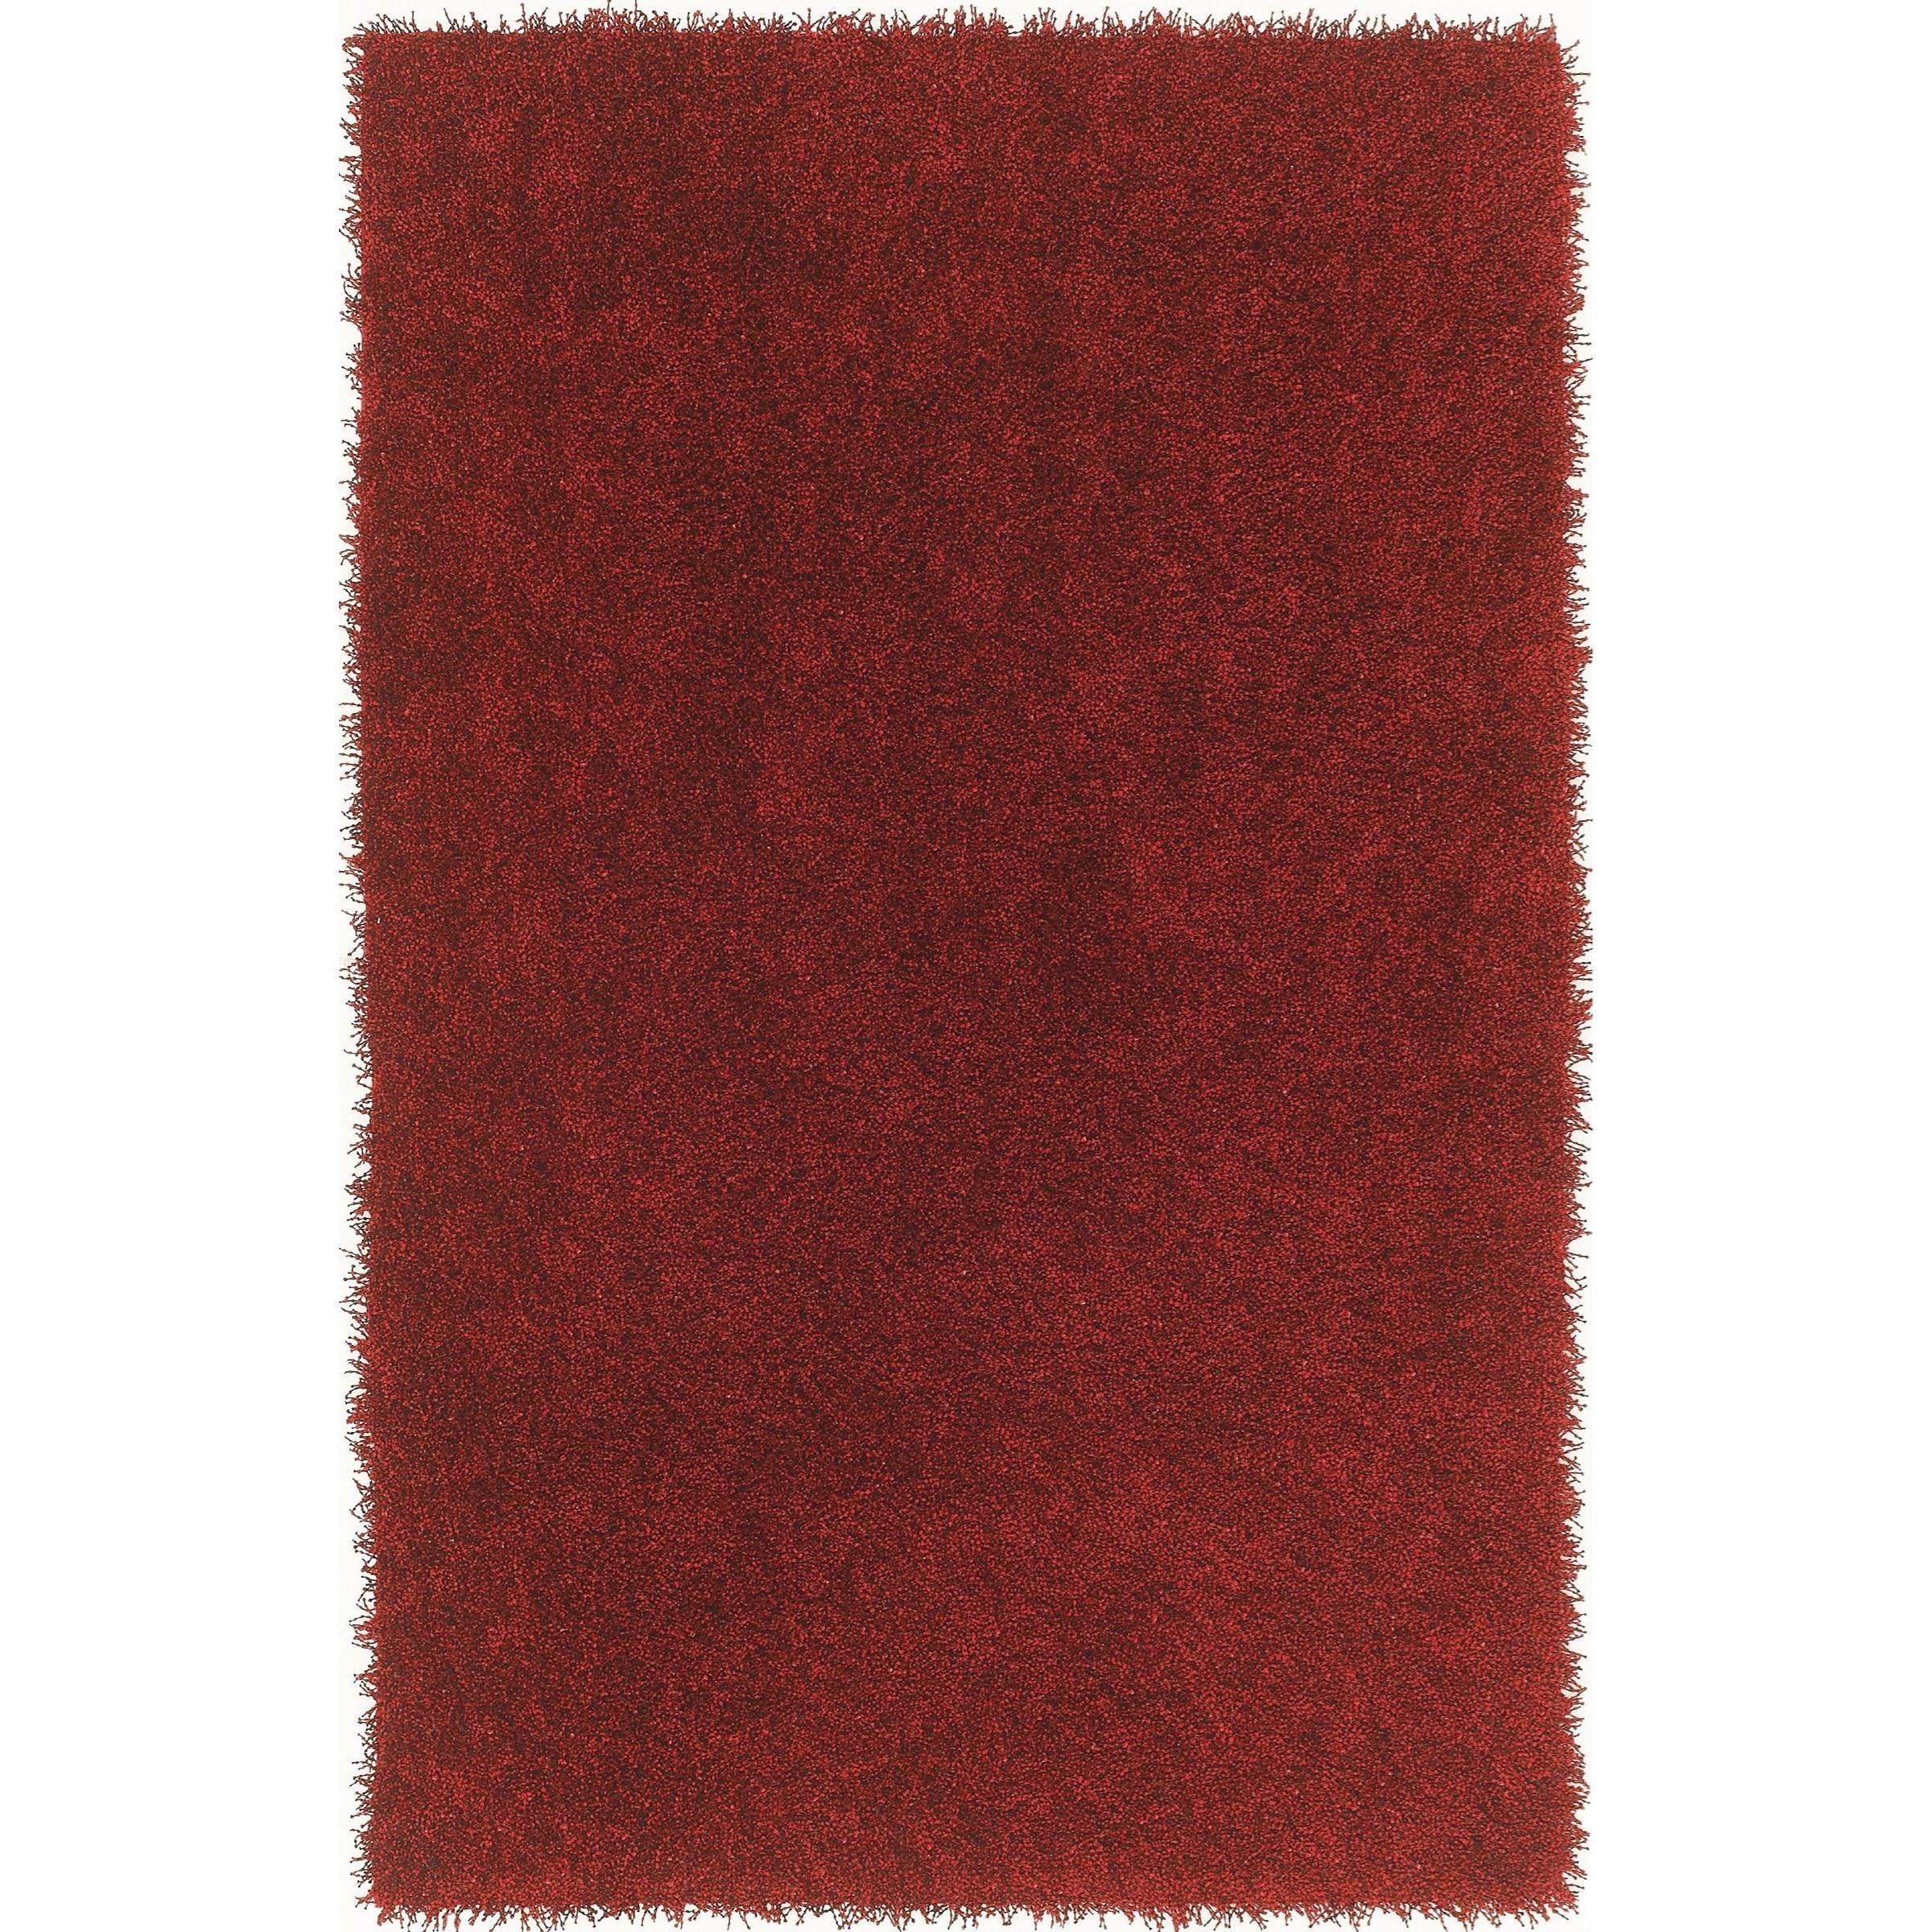 Dalyn Belize Red 9'X13' Rug - Item Number: BZ100RD9X13